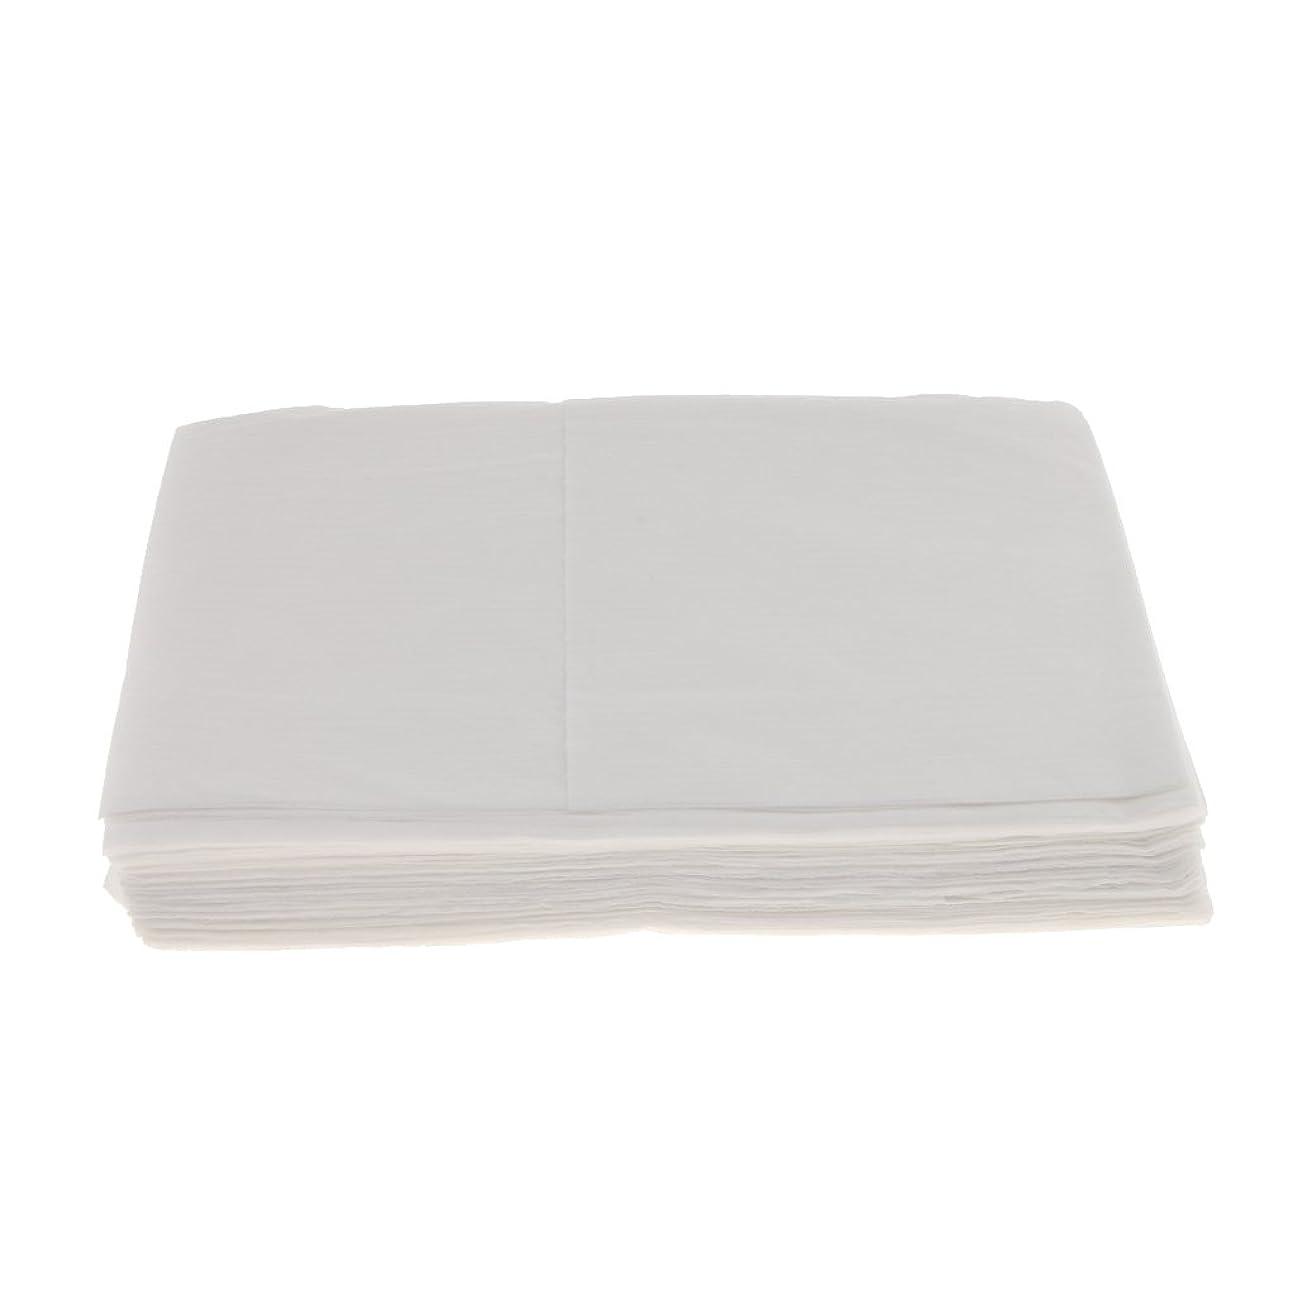 思い出評価それBaosity 10枚 使い捨て ベッドシーツ サロン ホテル ベッドパッド カバー シート 2色選べ - 白